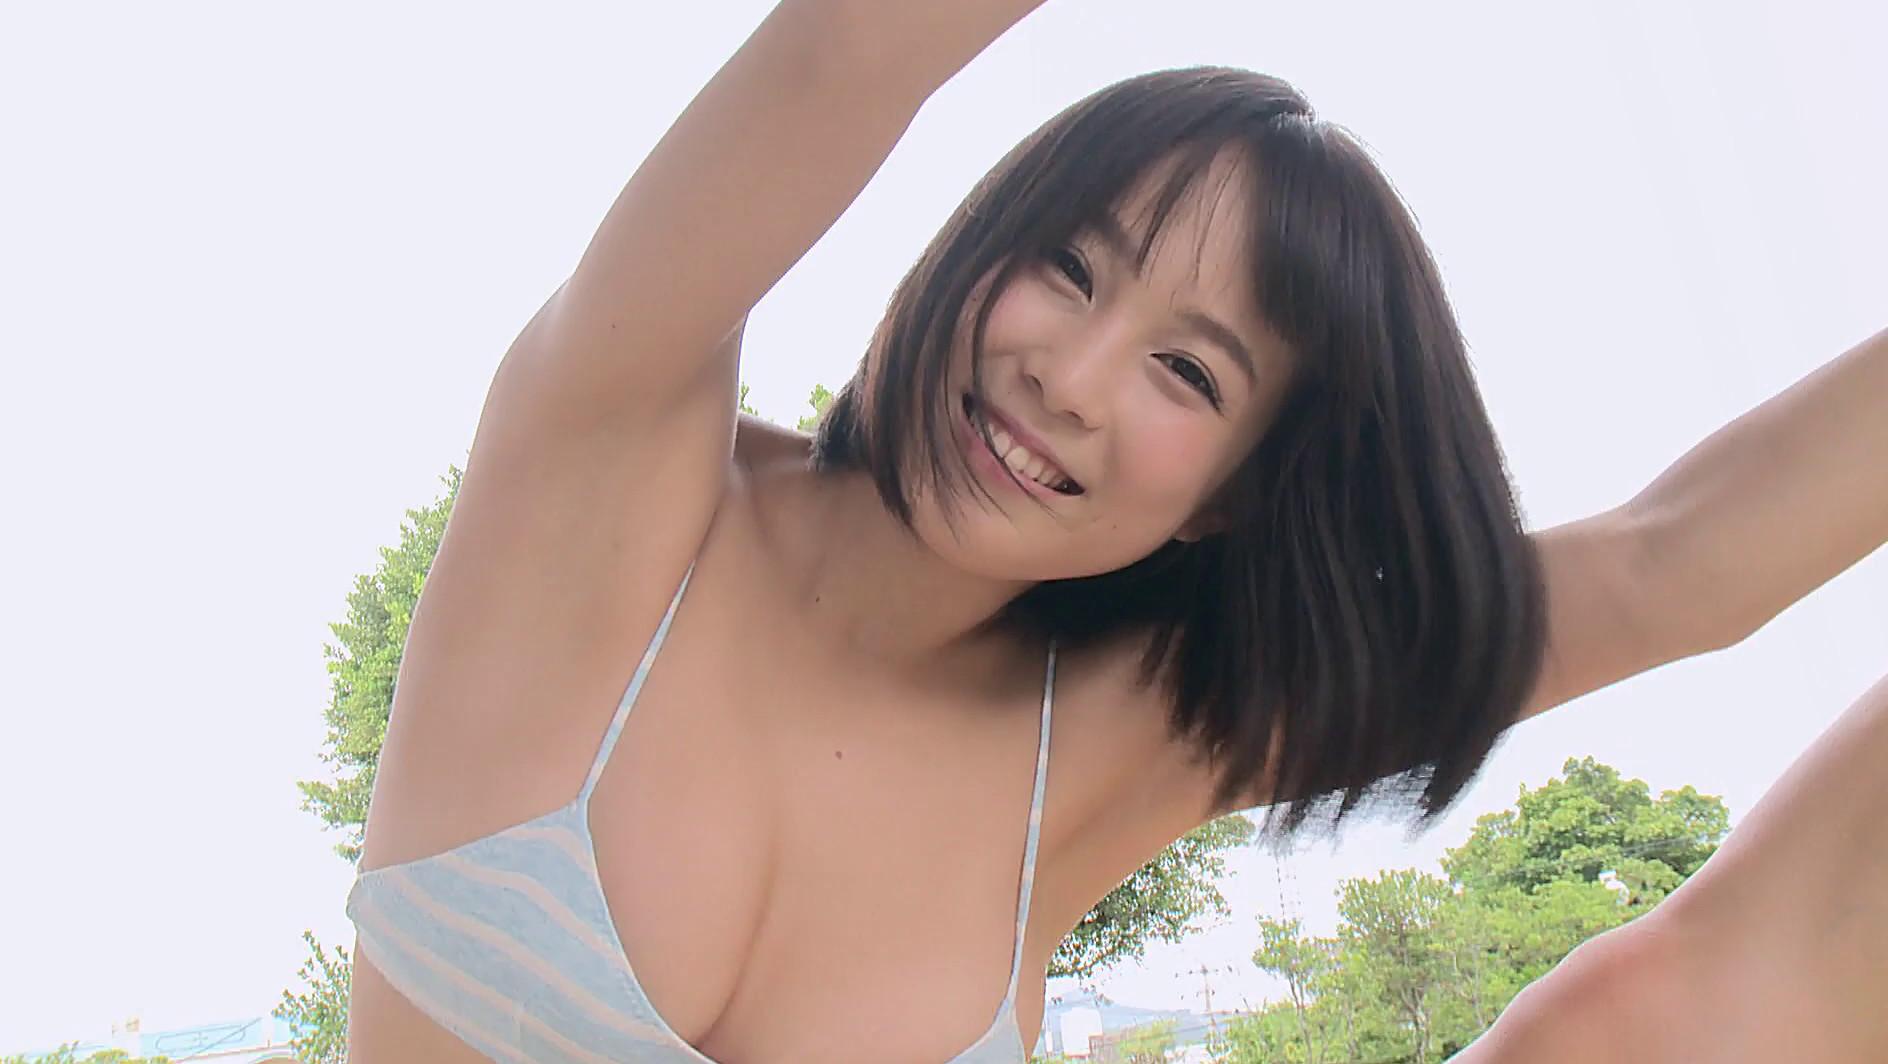 ワンちゃん 犬童美乃梨19